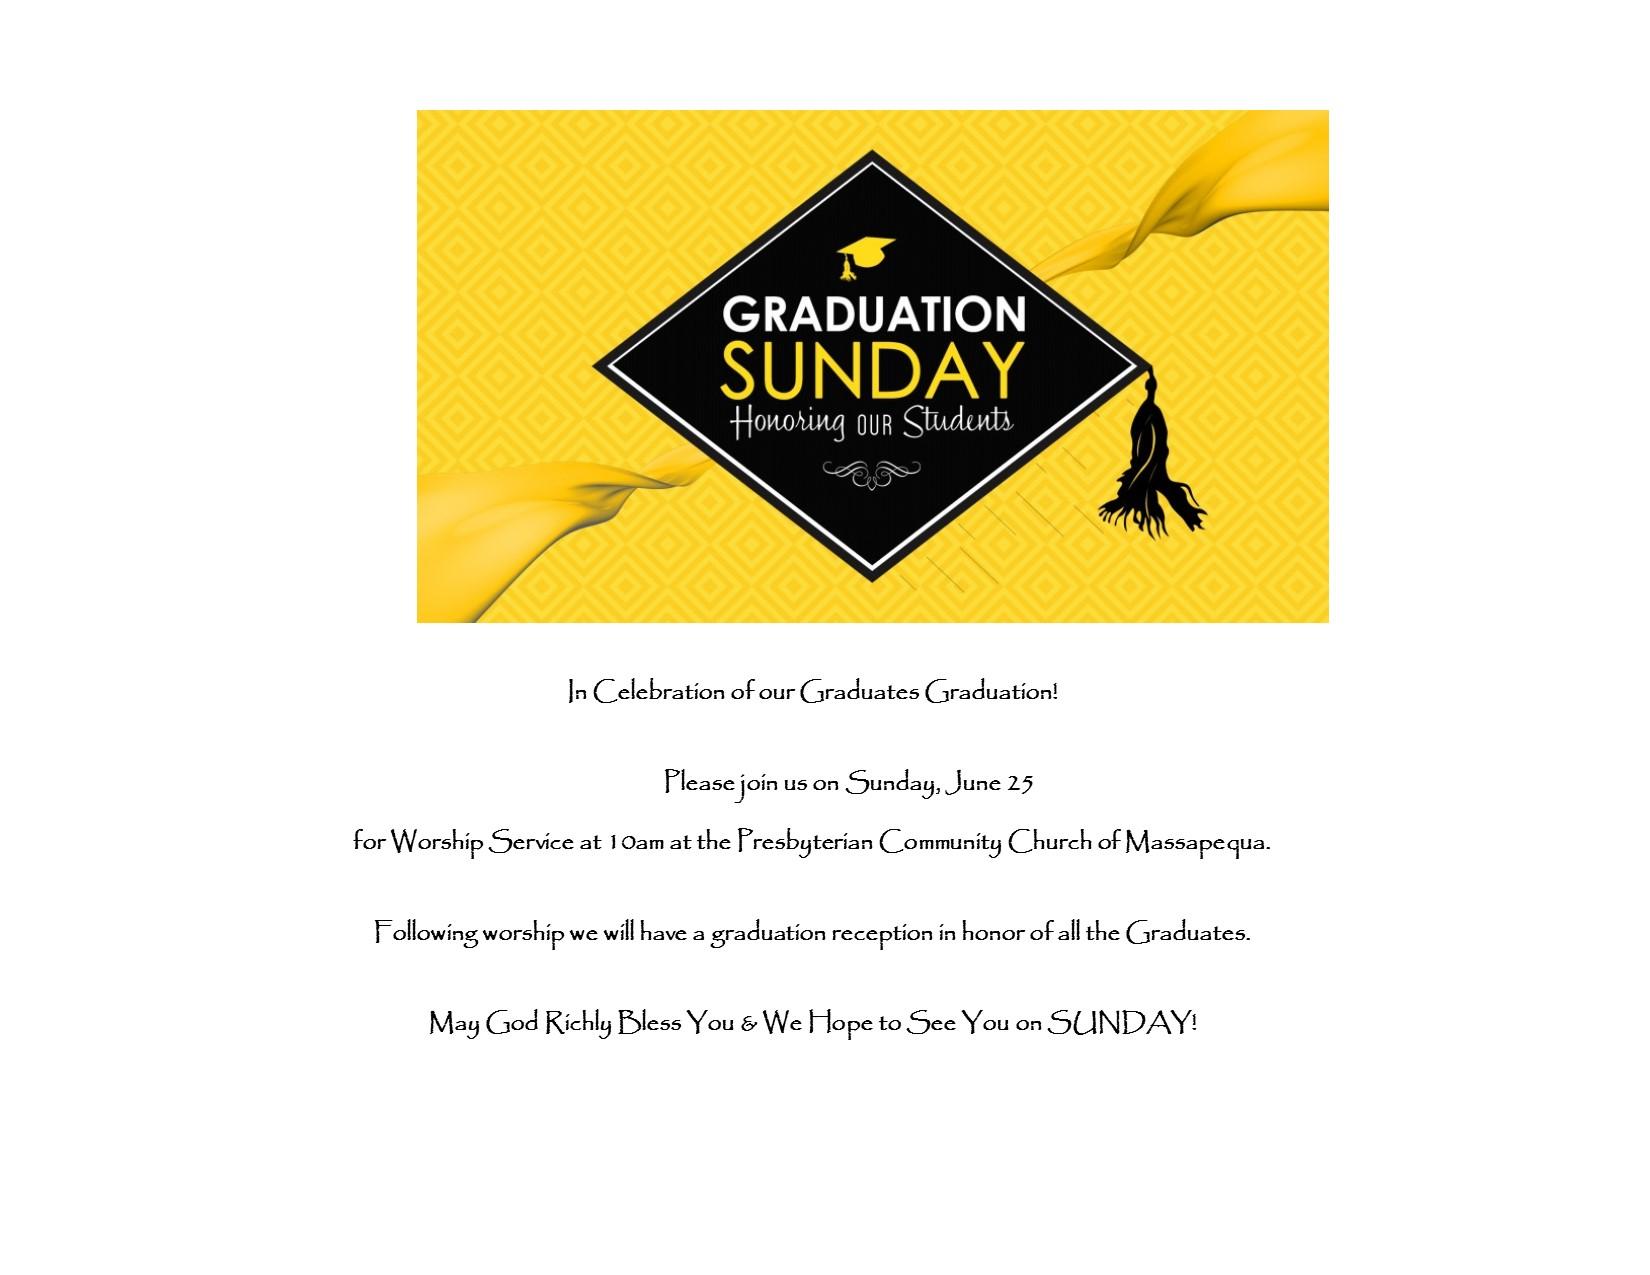 Graduation Sunday